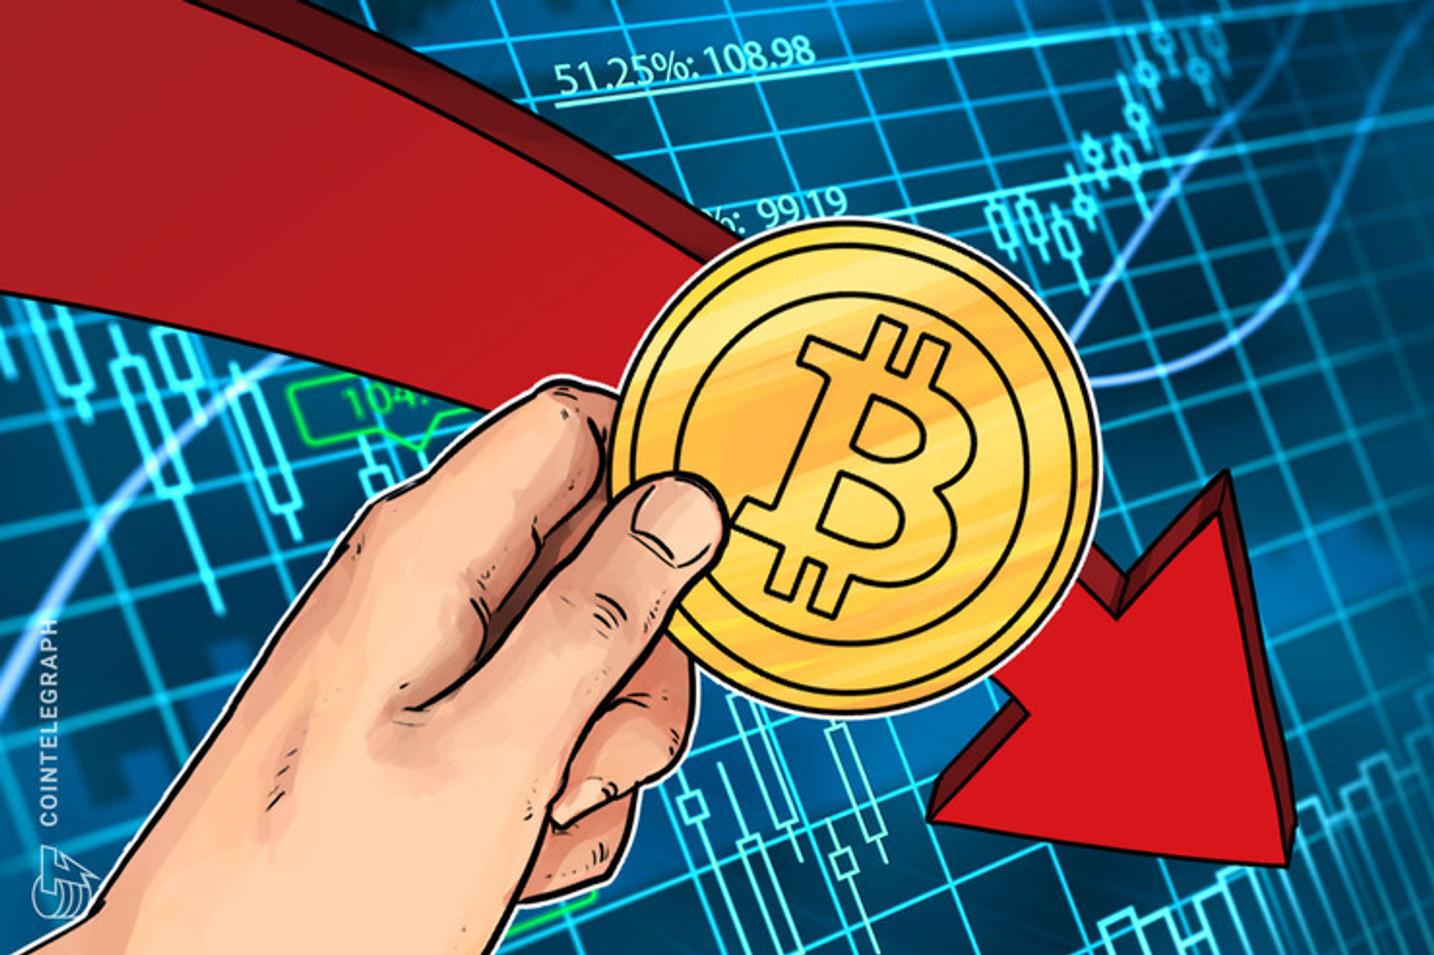 Un análisis técnico al mercado de criptomonedas indica que un rebote está próximo a suceder en los precios de Bitcoin y las principales altcoins